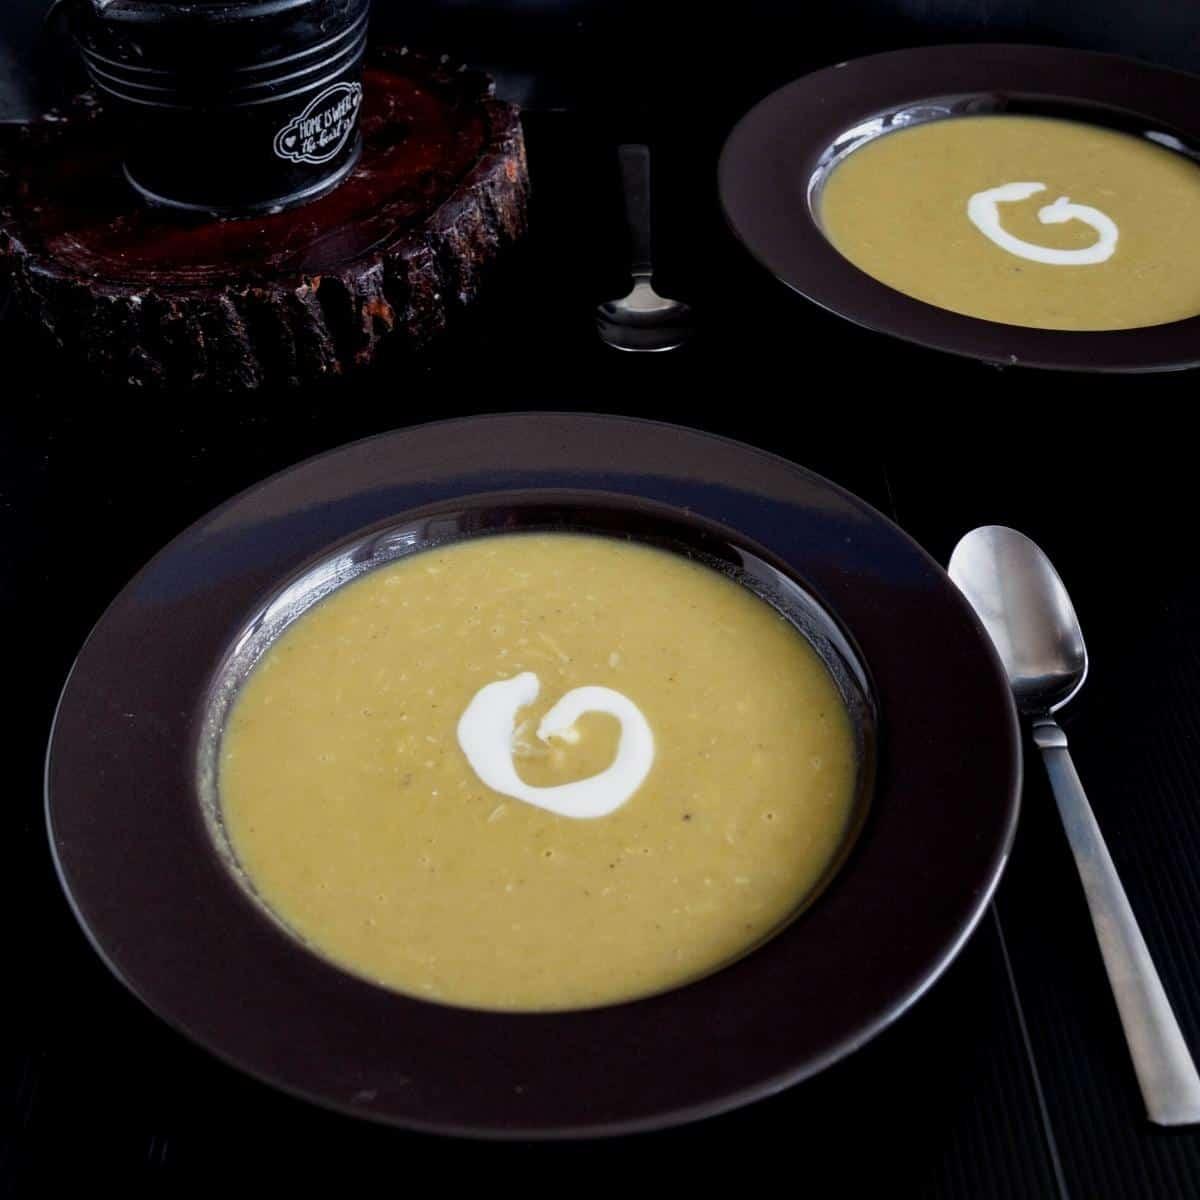 Soup bowl with split pea soup.